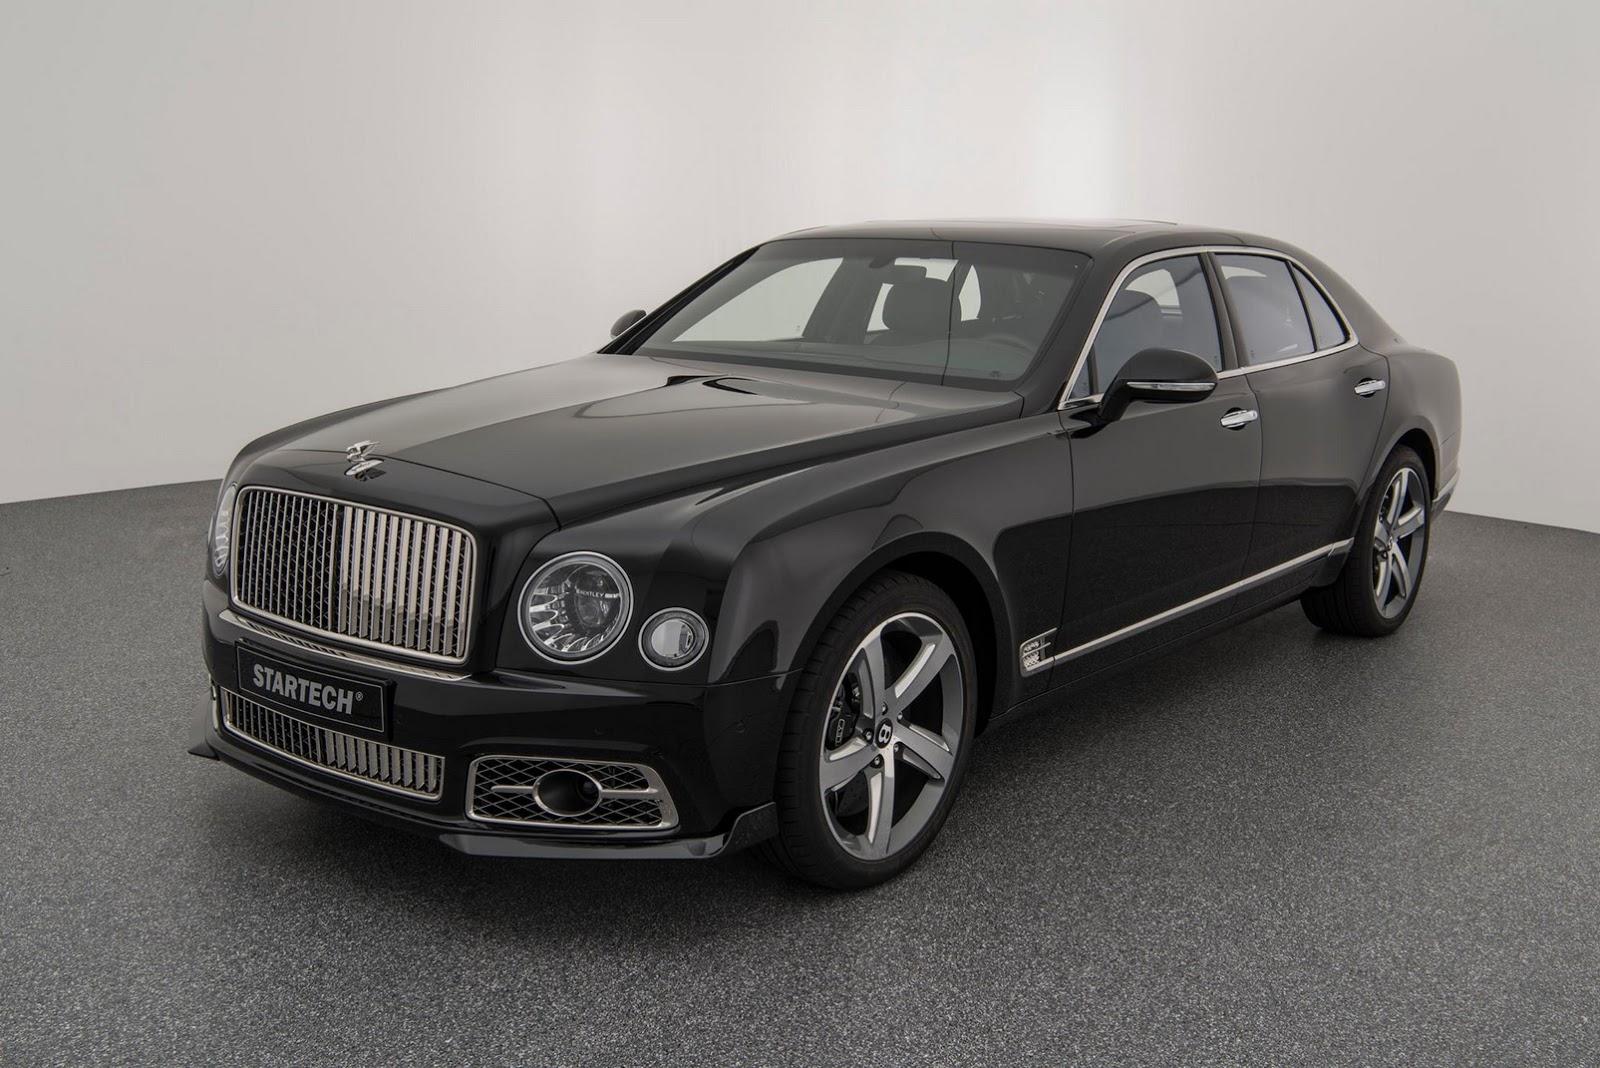 Bentley Mulsanne by Startech (1)